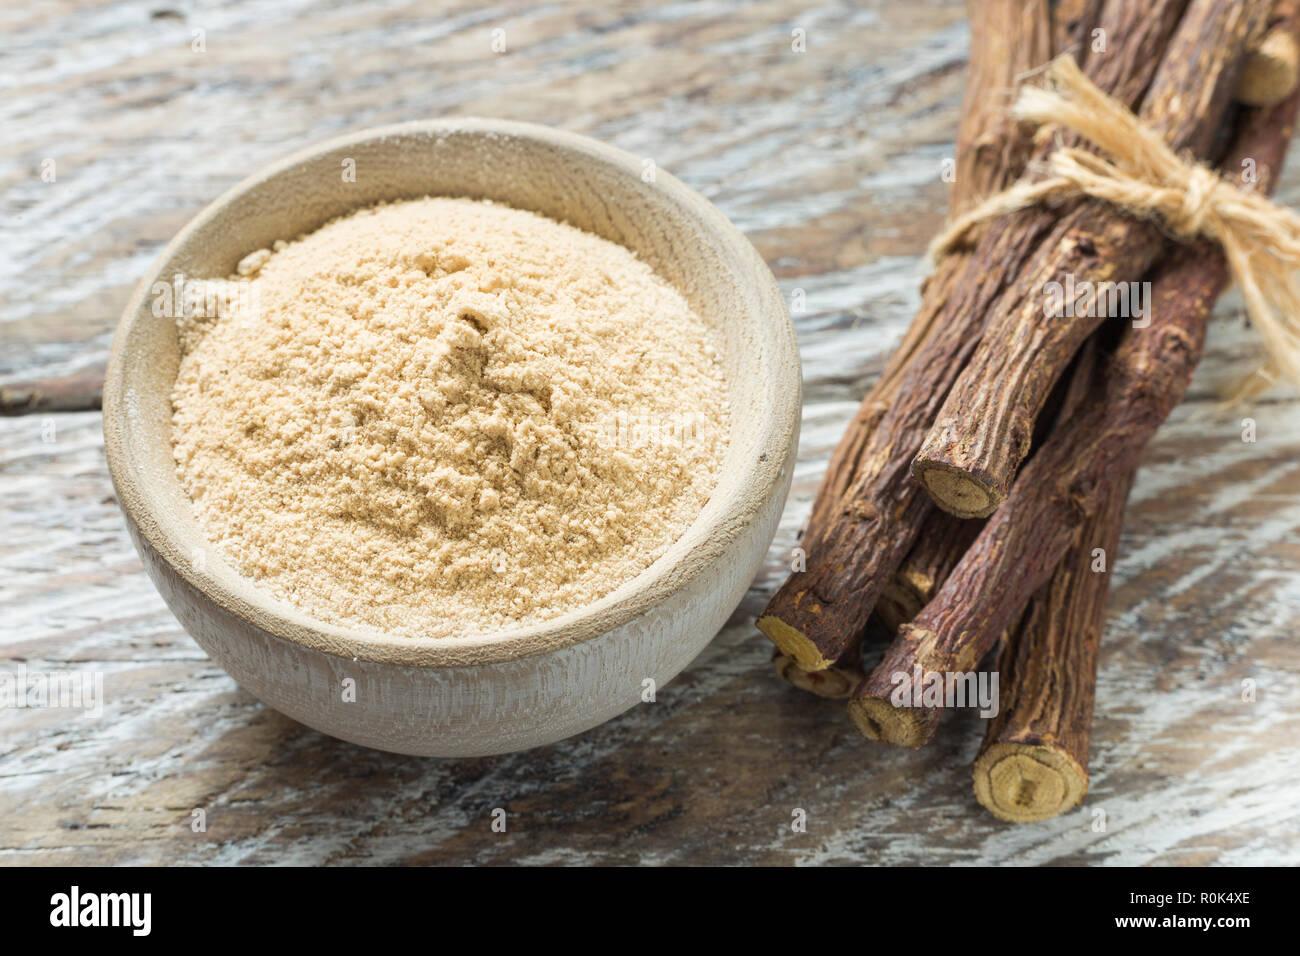 Pulver Und Süßholz Wurzel Auf Dem Tisch Glycyrrhiza Glabra